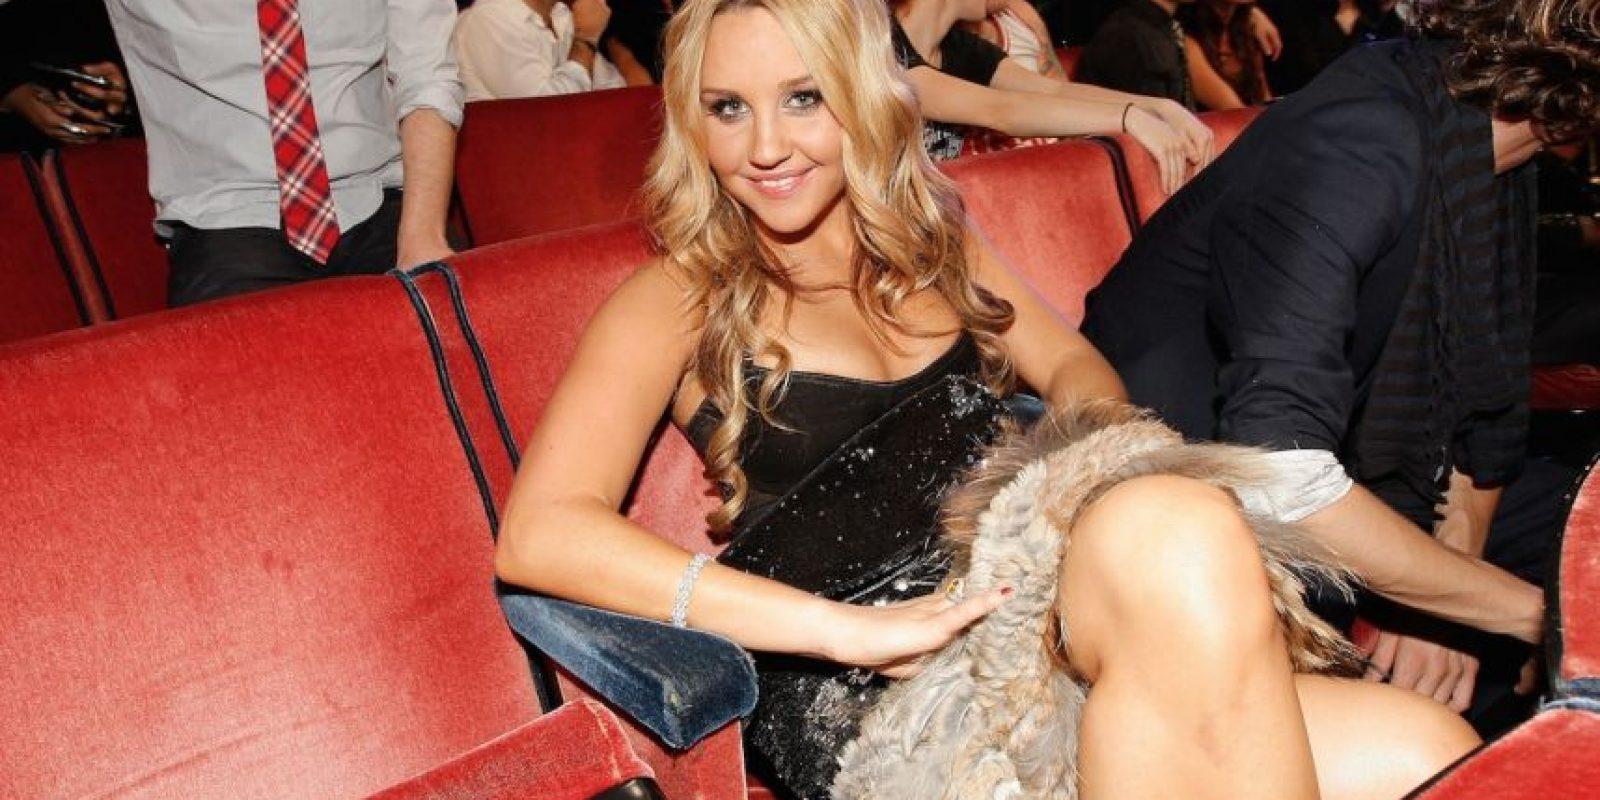 En septiembre de 2012, la actriz se encerró en el probador de una tienda de ropa durante dos horas, fue expulsada de un gimnasio por ponerse a hacer ejercicio medio desnuda y se encerró en el baño de una pastelería durante media hora. Foto:Getty Images